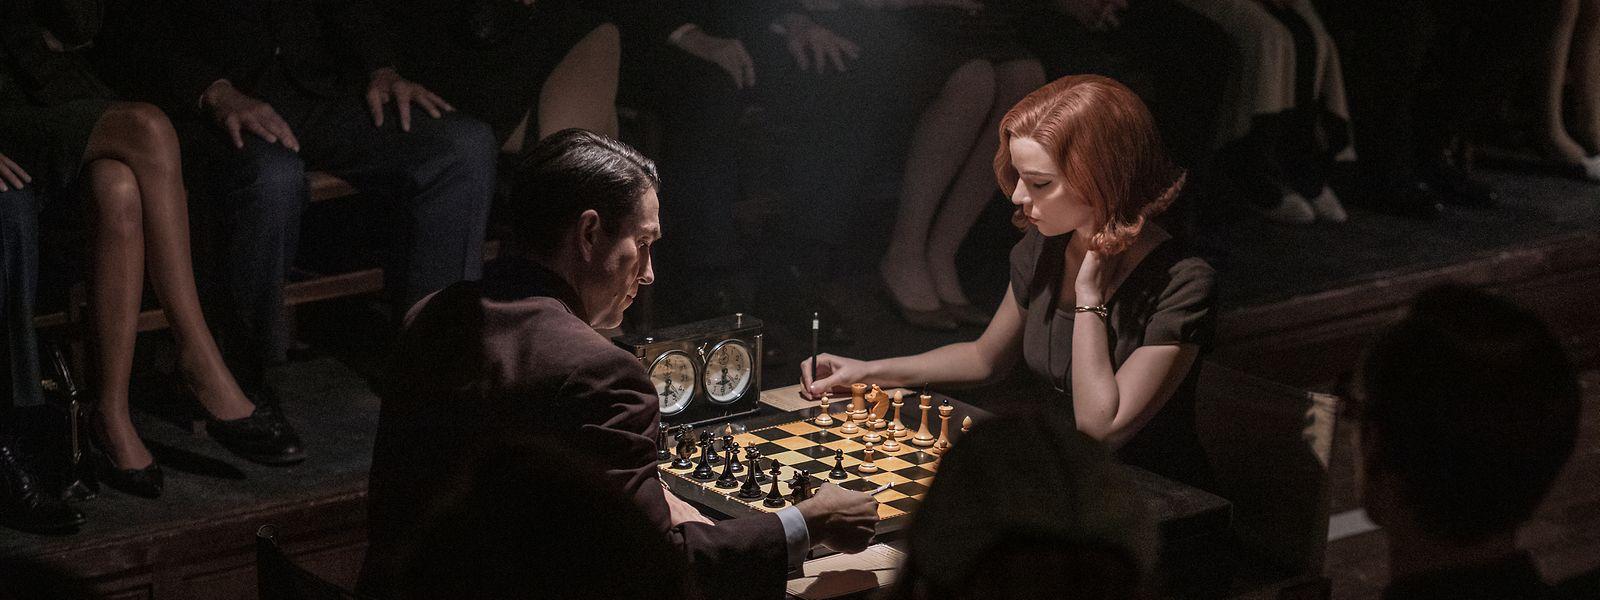 Zug um Zug erobert sich Beth Harmon (Anya Taylor-Joy), hier bei einer Partie gegen Vasily Borgov (Marcin Dorocinski), ihren Platz in der von Männern dominierten Schachwelt.